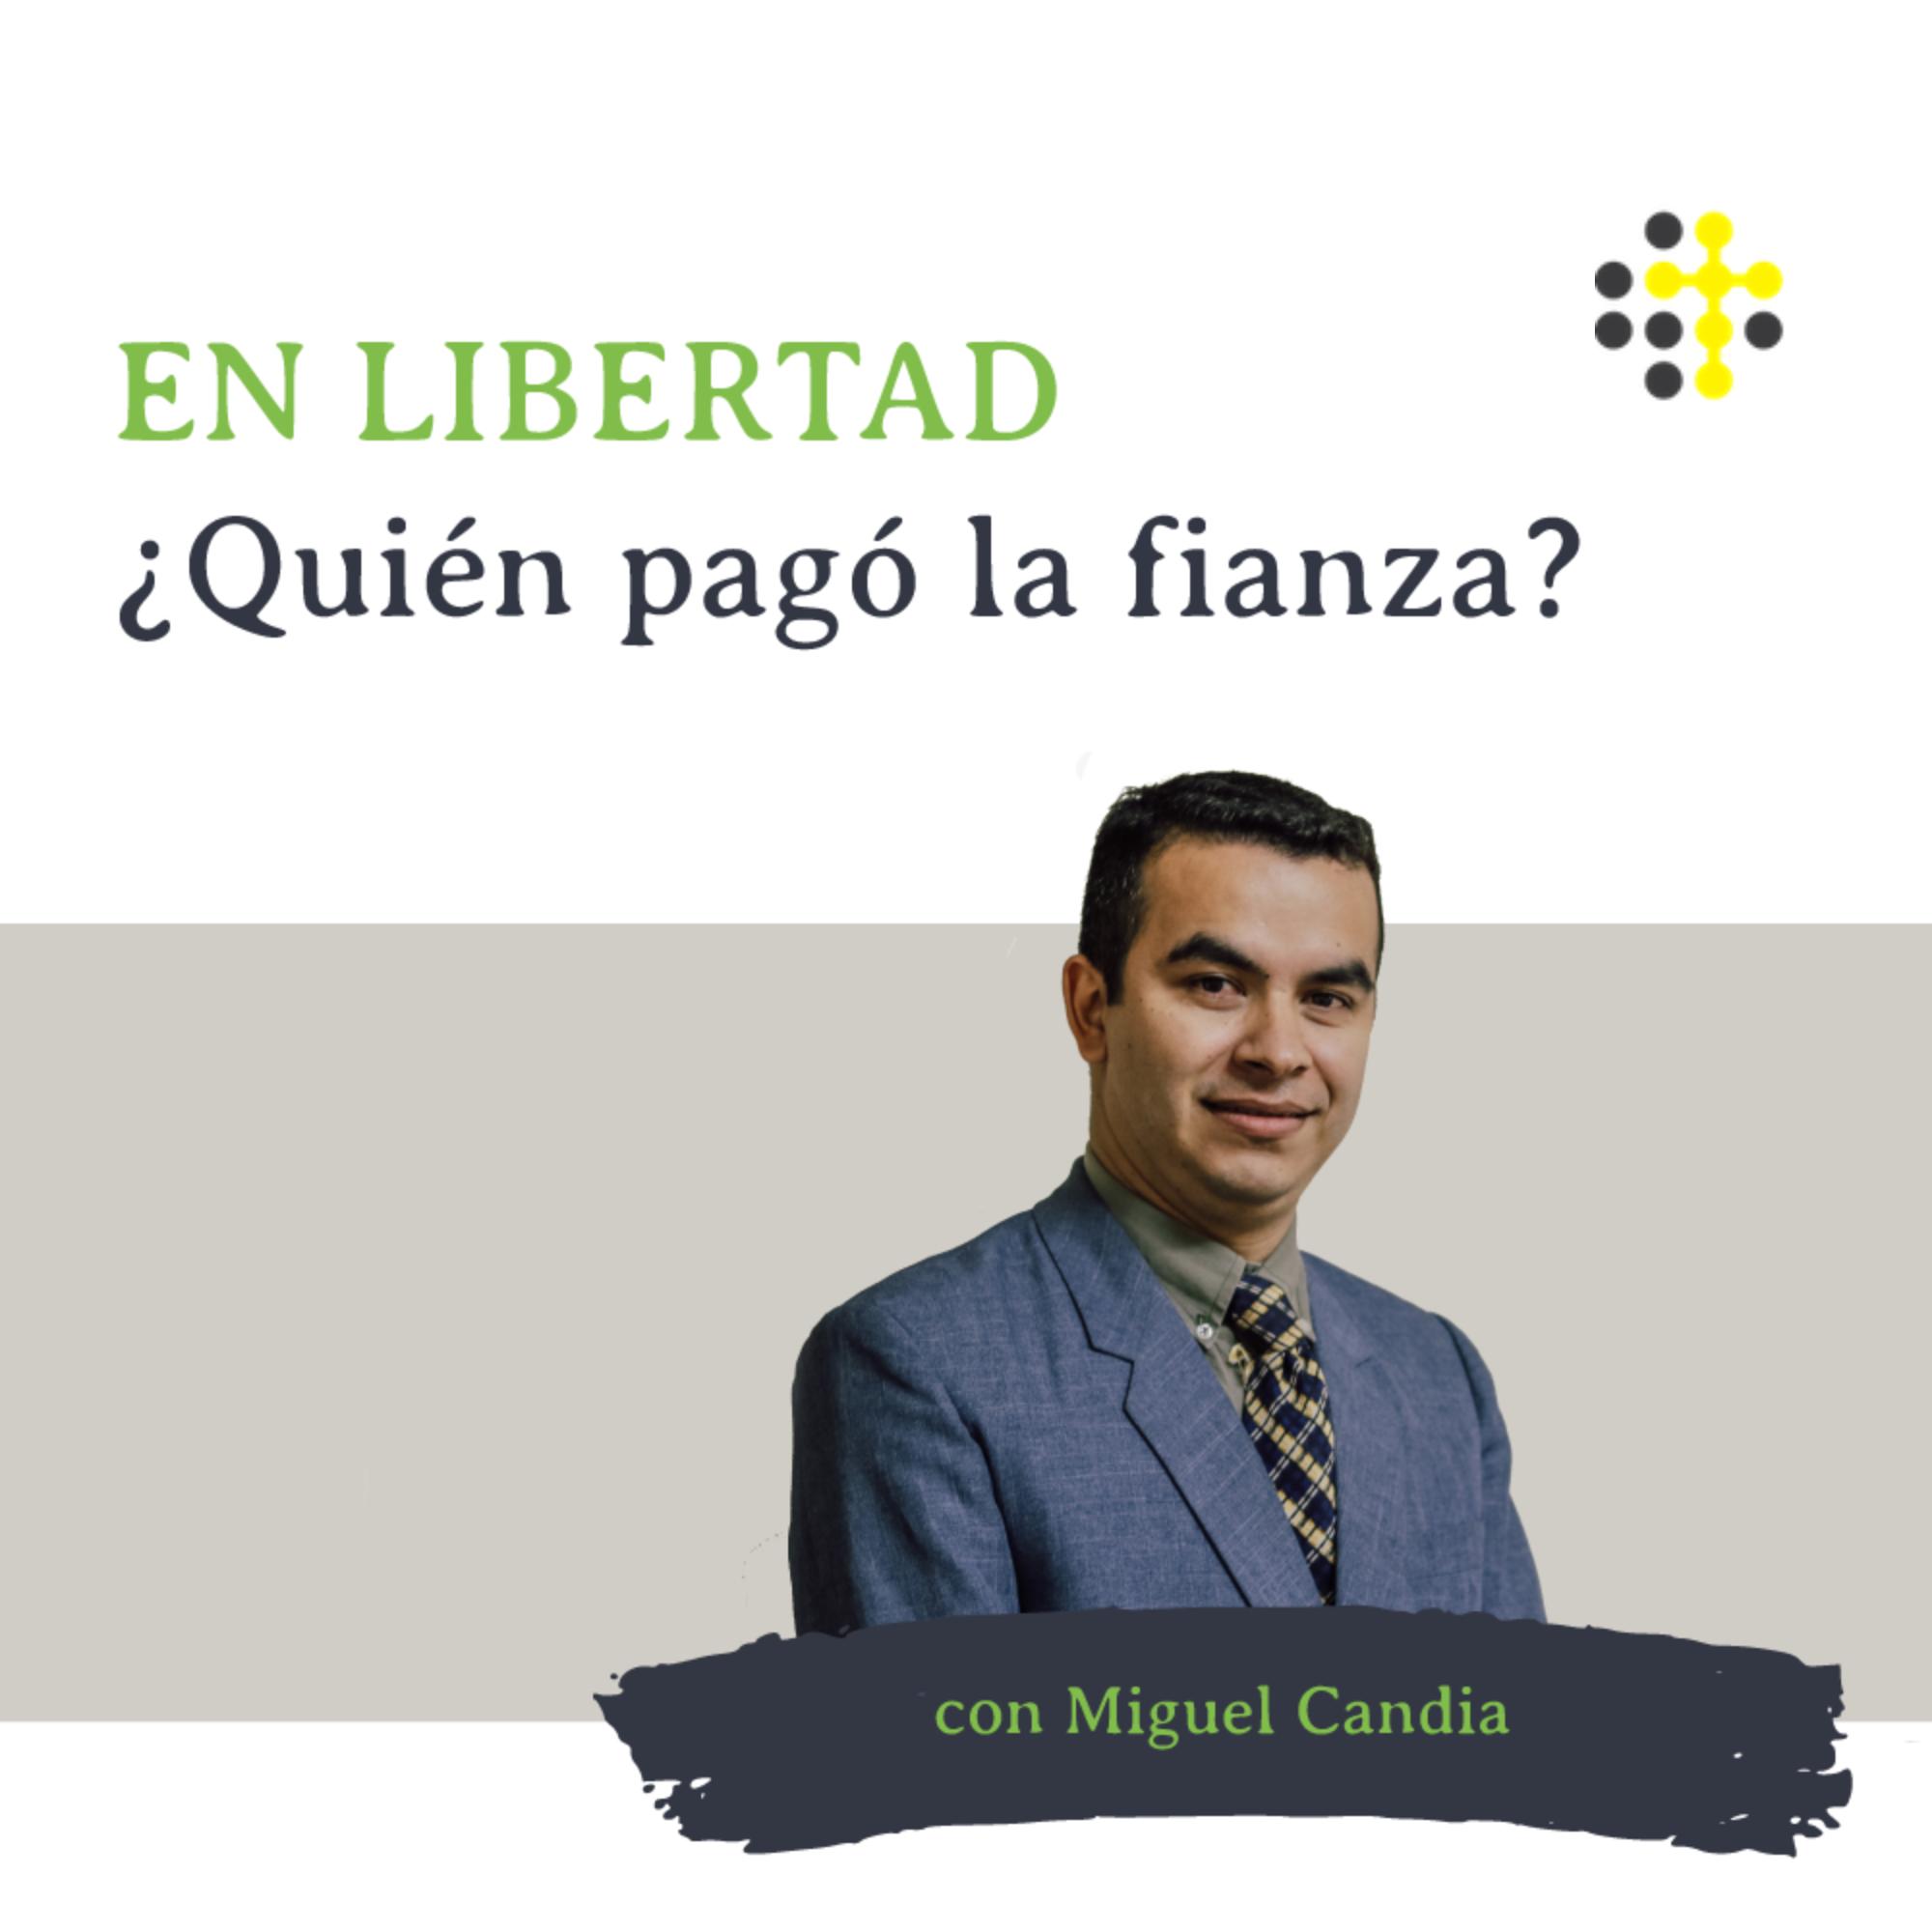 En libertad ¿Quién pagó la fianza? - Orador: Miguel Candia